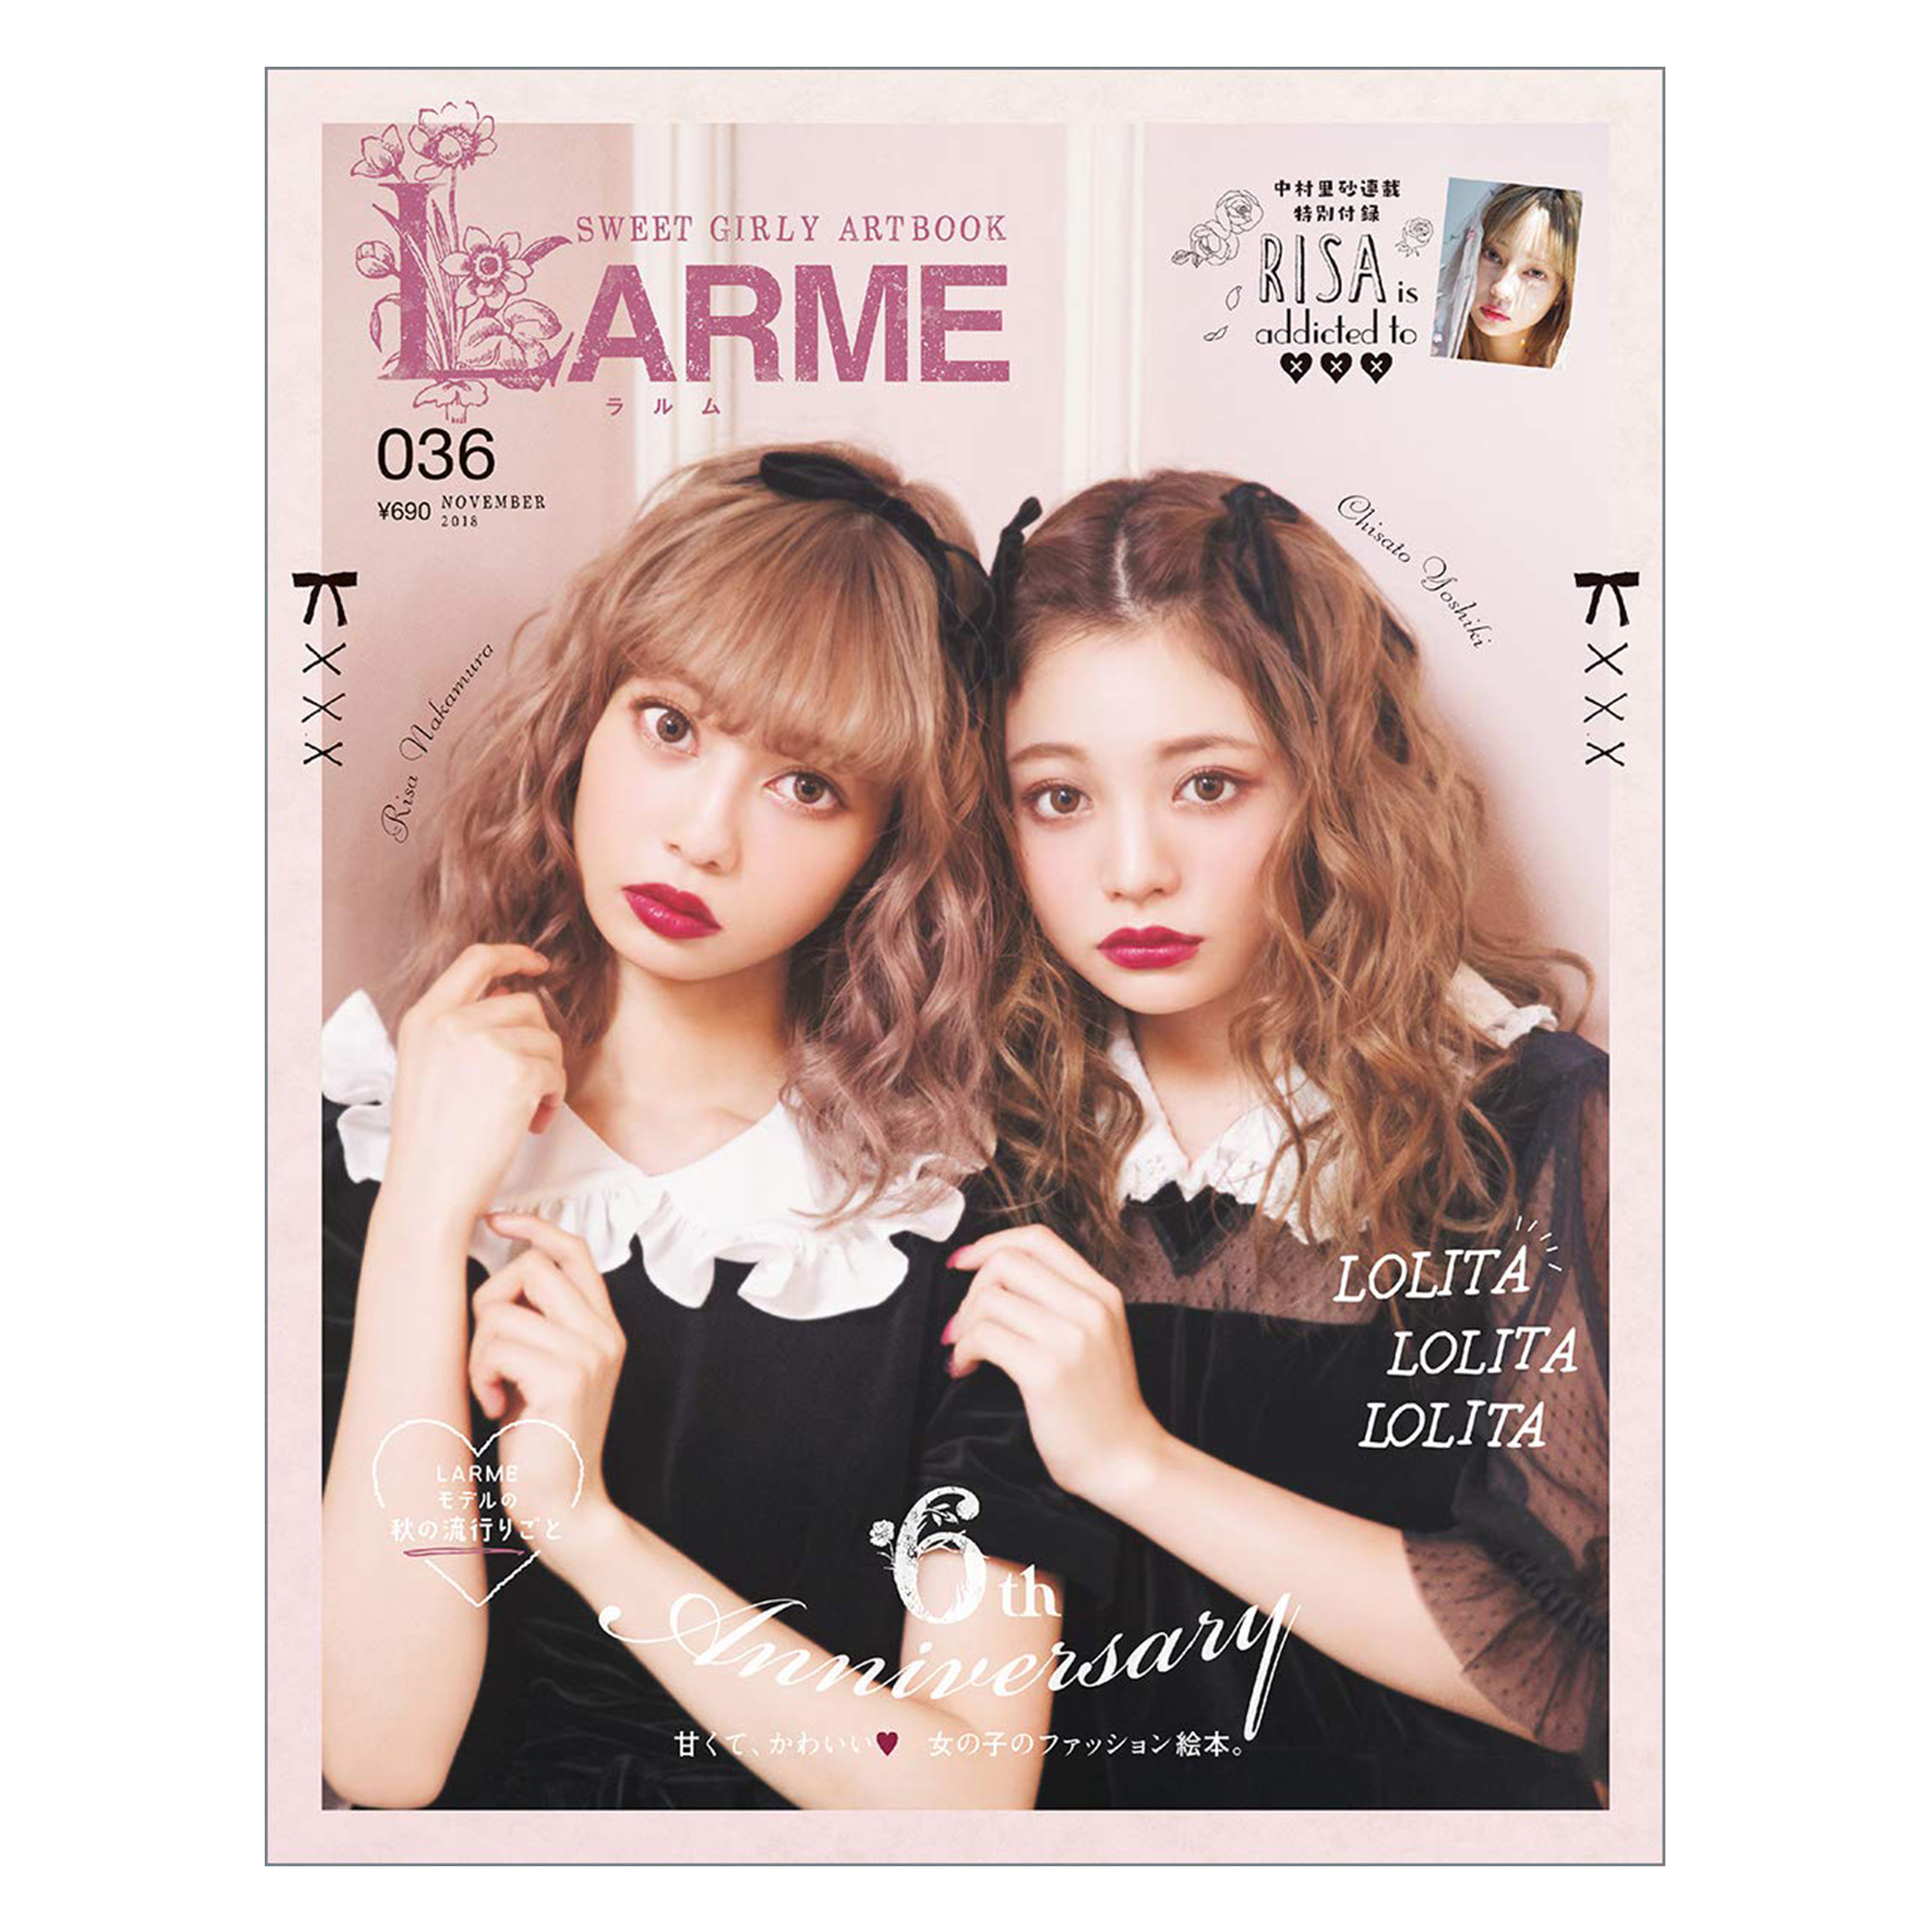 【メディア掲載情報】LARME 036